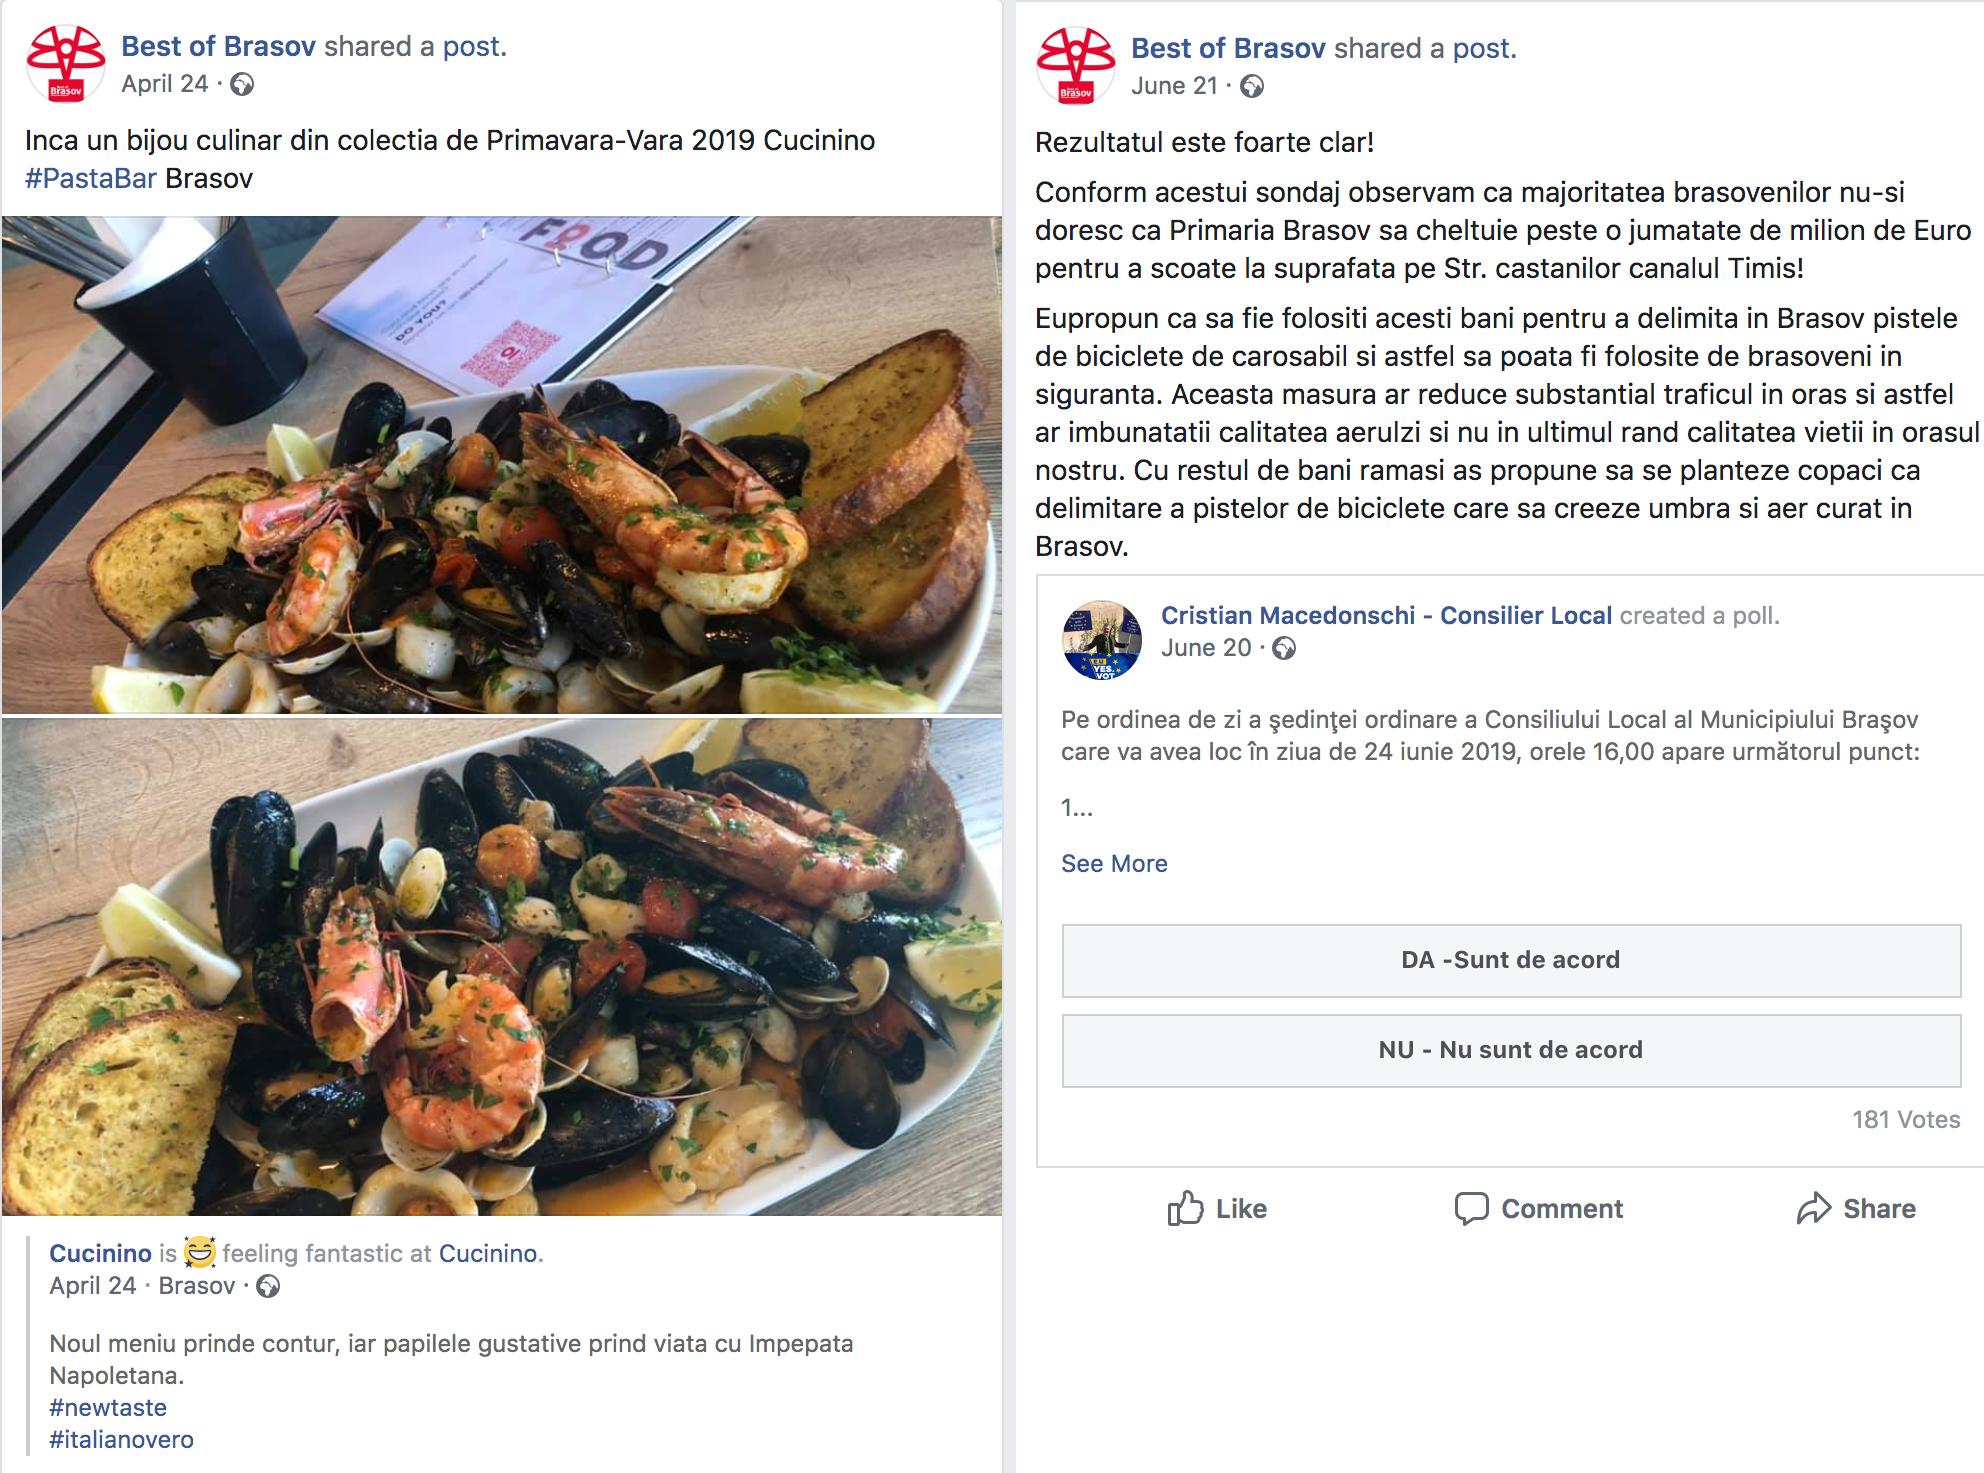 Pagina de Facebook a revistei Best of Brașov promovează restaurantul consilierului local Cristian Macedonschi